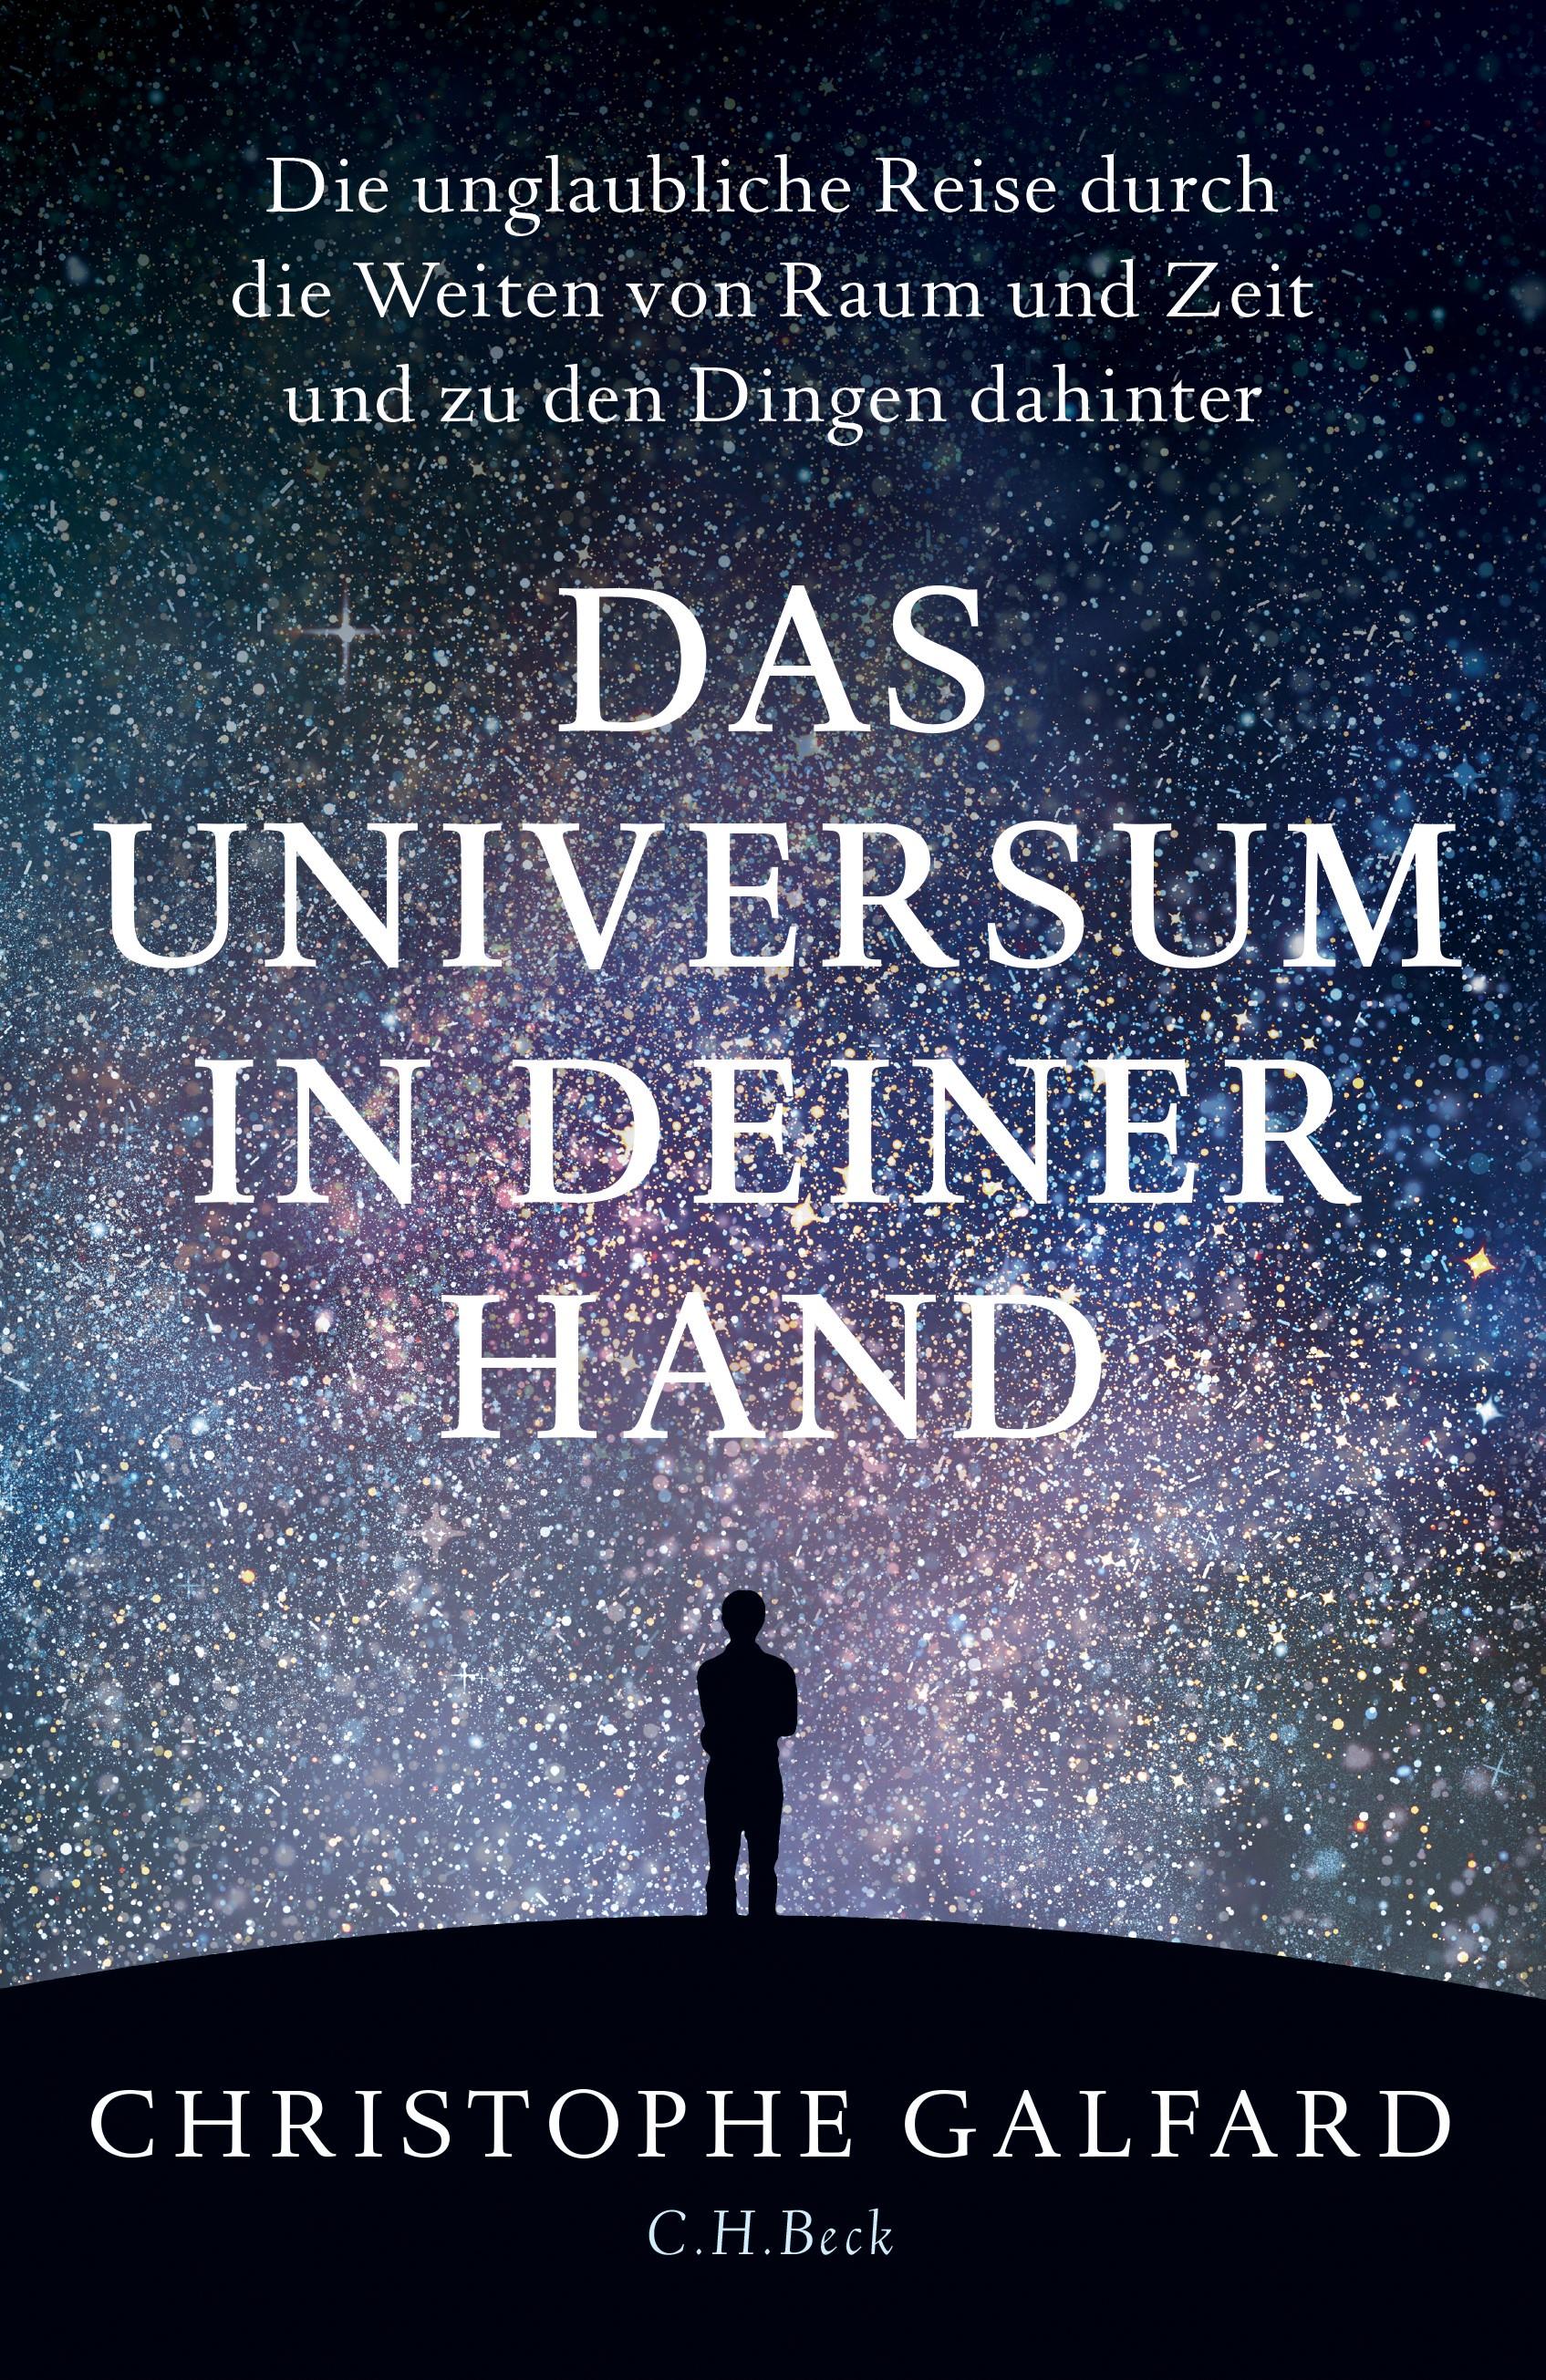 Bildergebnis für DAS UNIVERSUM IN DEINER HAND - CHRISTOPHE GALFARD